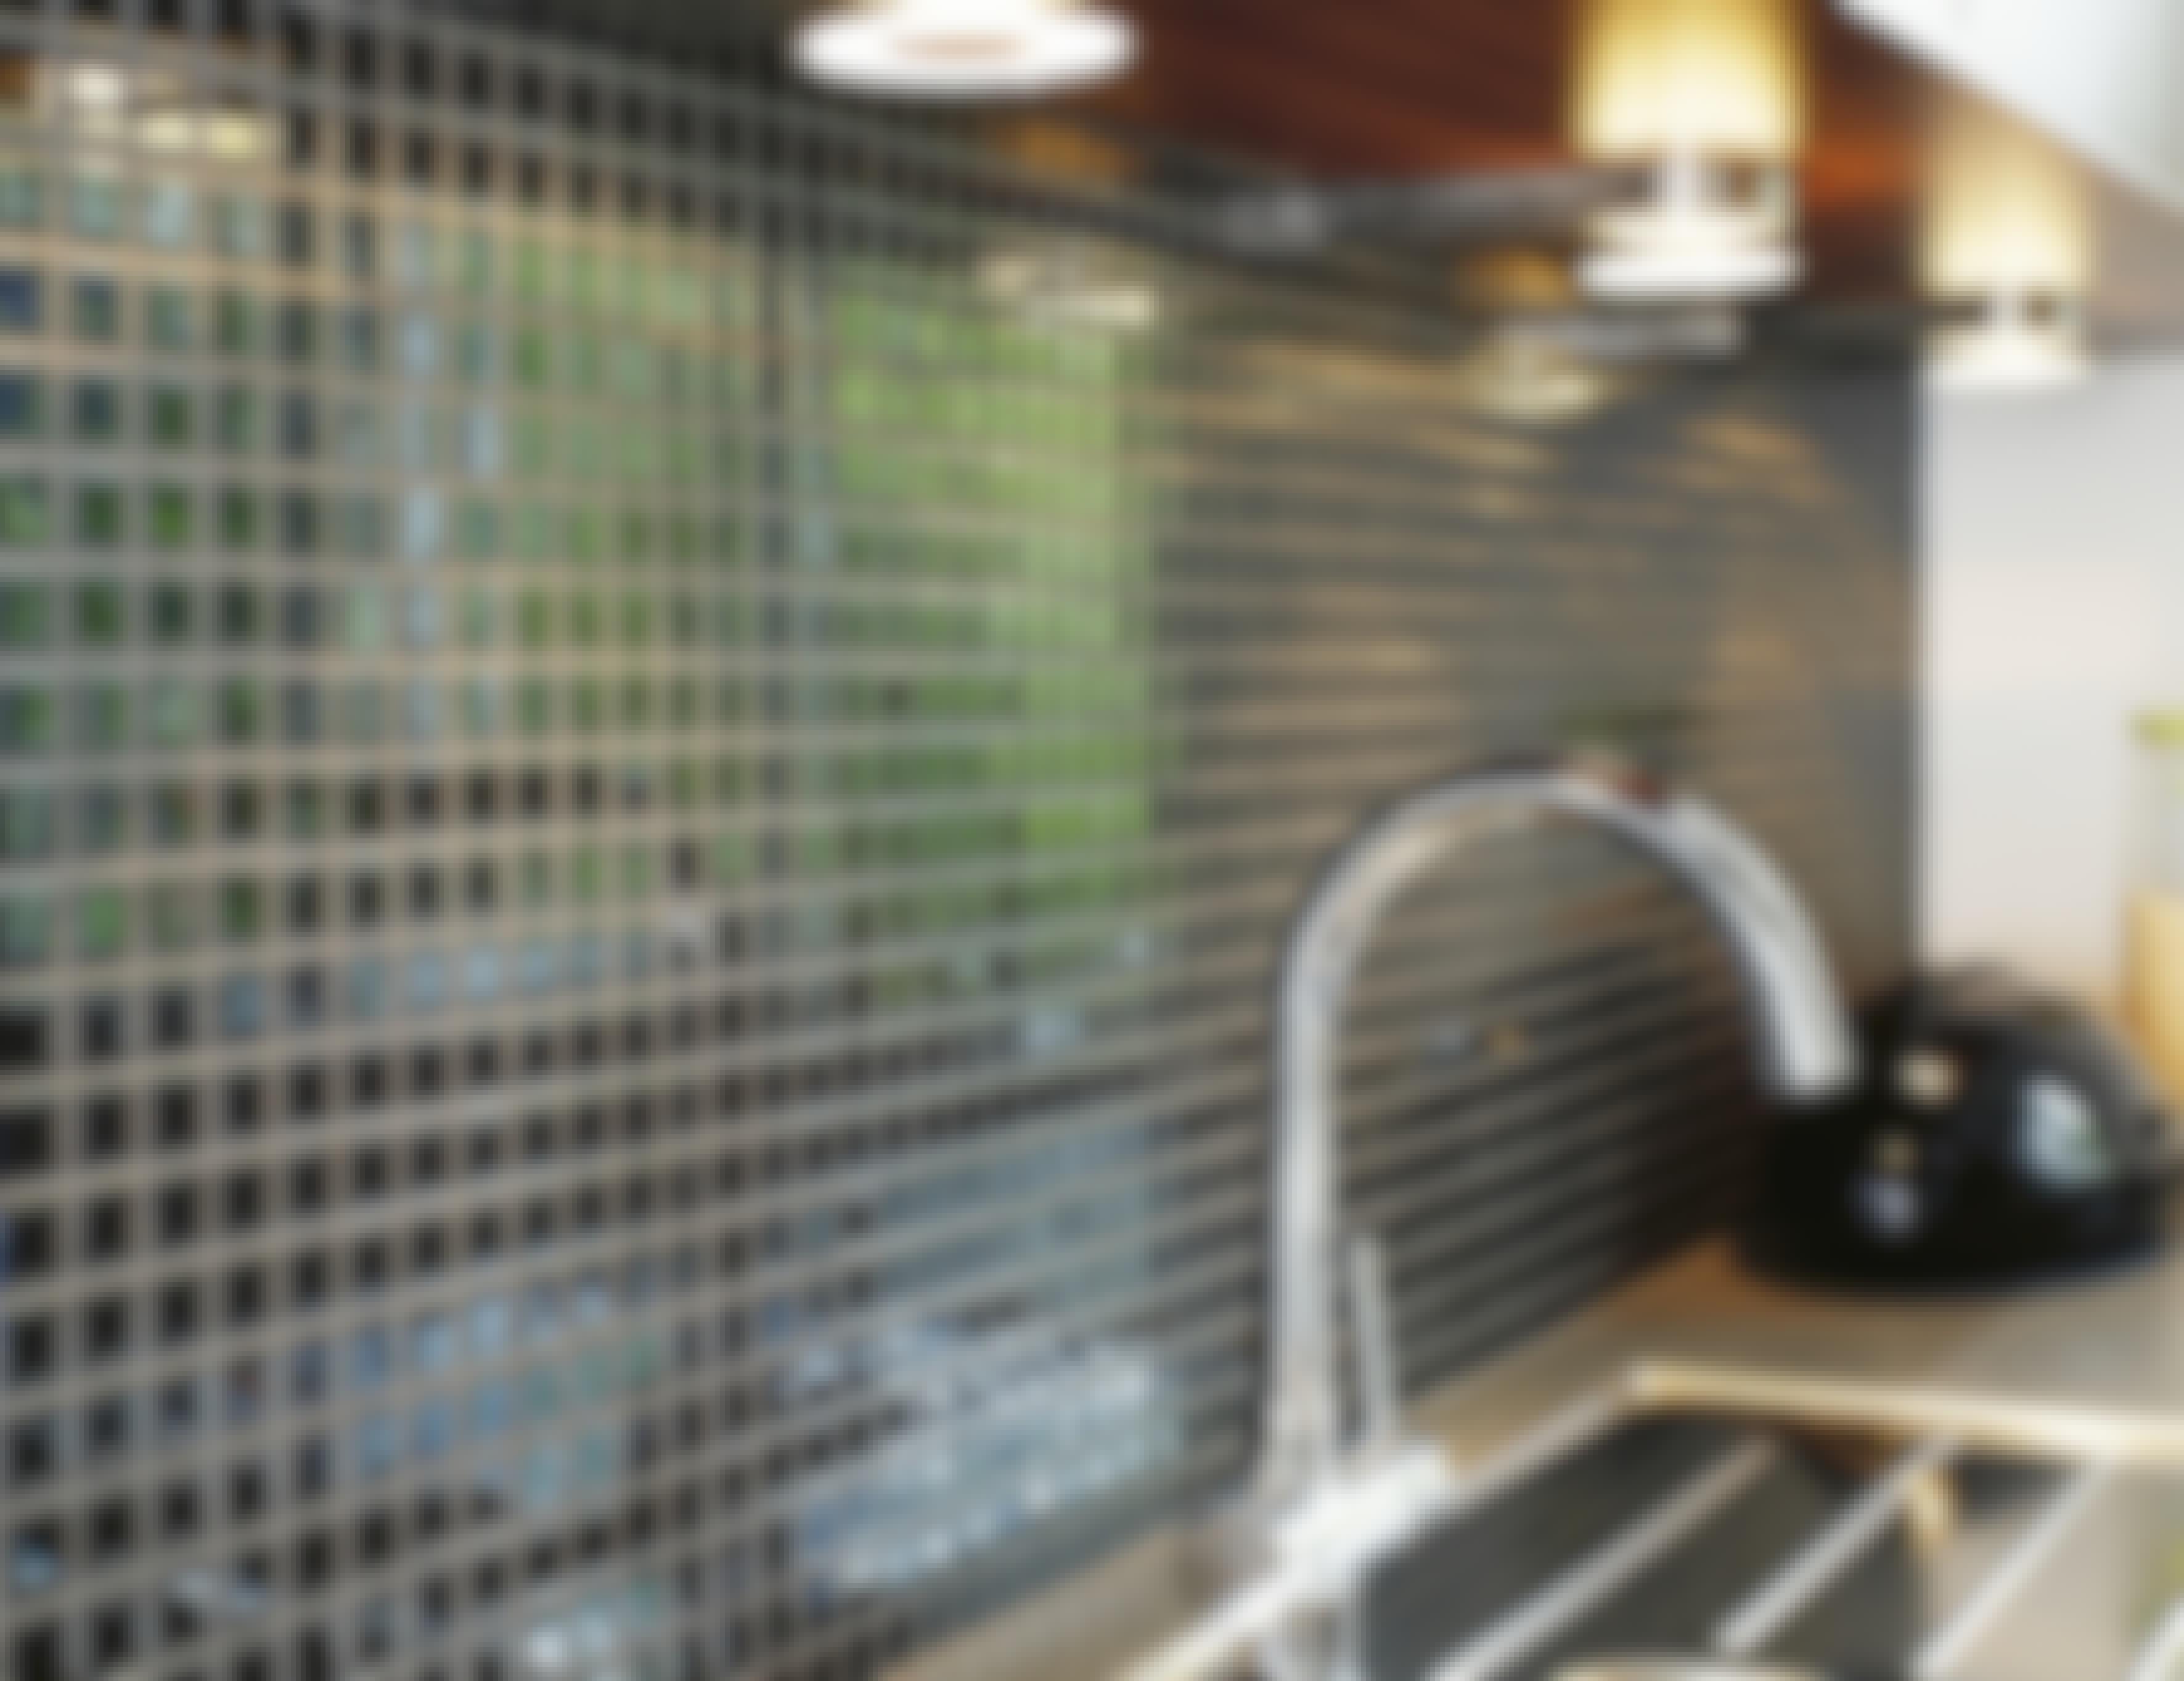 **GLASSFLISER** Glassfliser – eller glassmosaikk – fås primært som små fliser på nett. Hvert nett er f.eks. 32,7 x 32,7 cm. Flisene er harde, og overflaten er blank. De tåler normalt frost, så de også kan brukes ute.